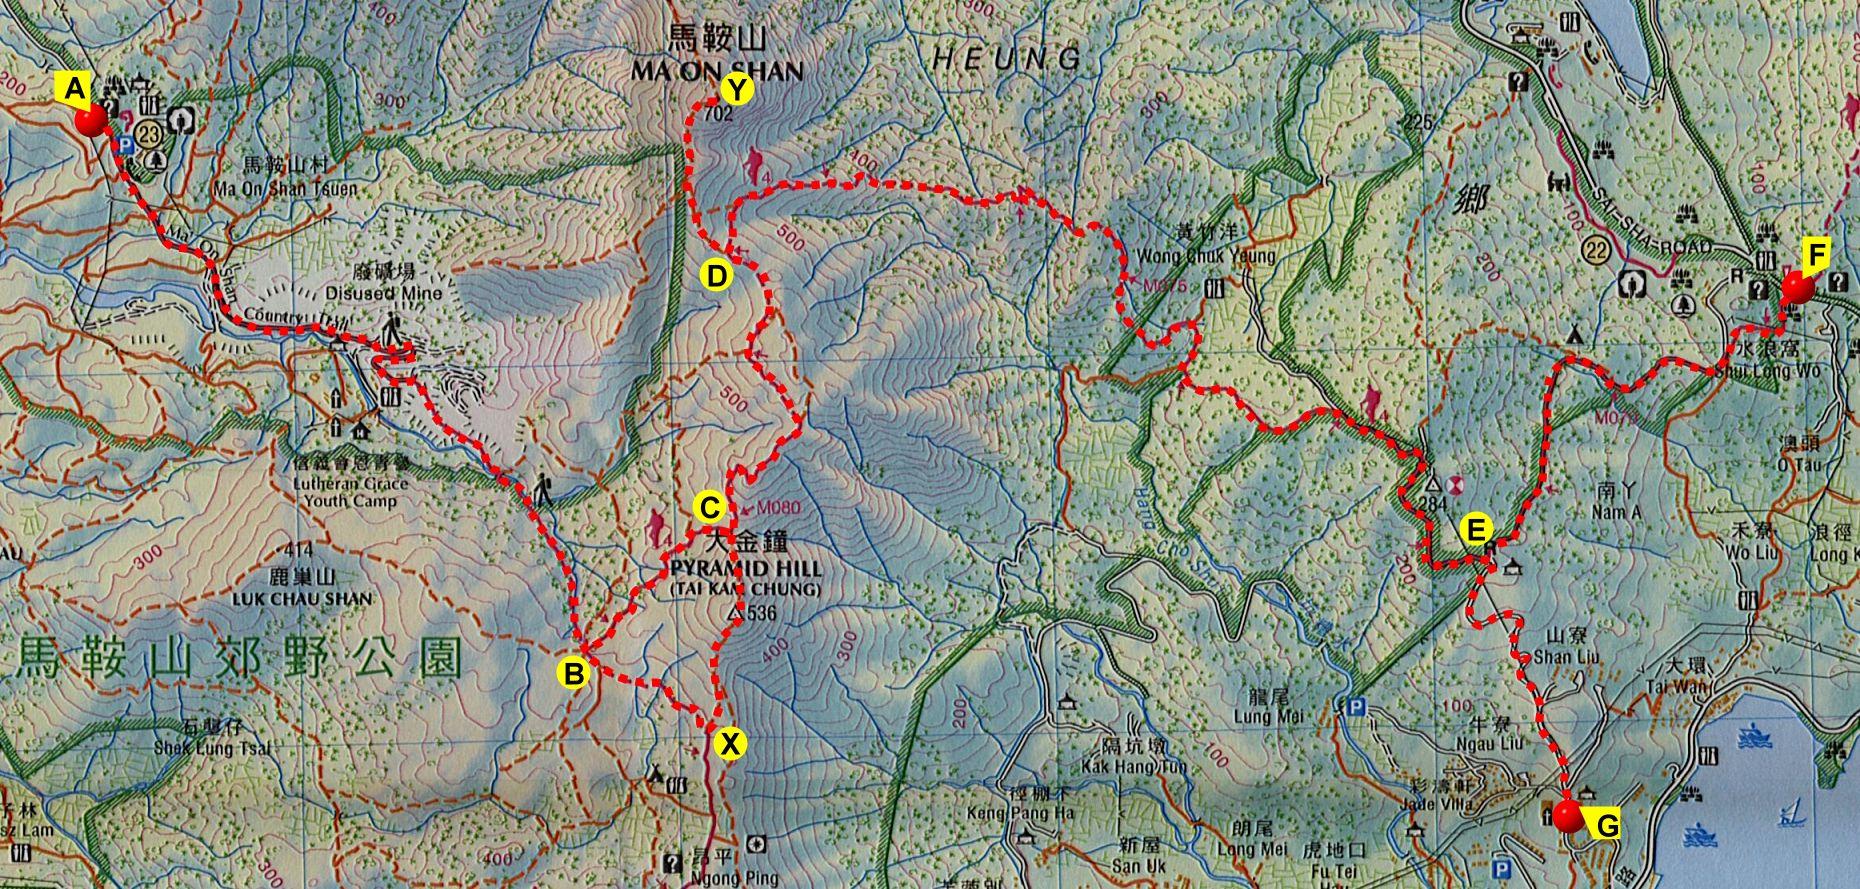 南大梁高速路线图